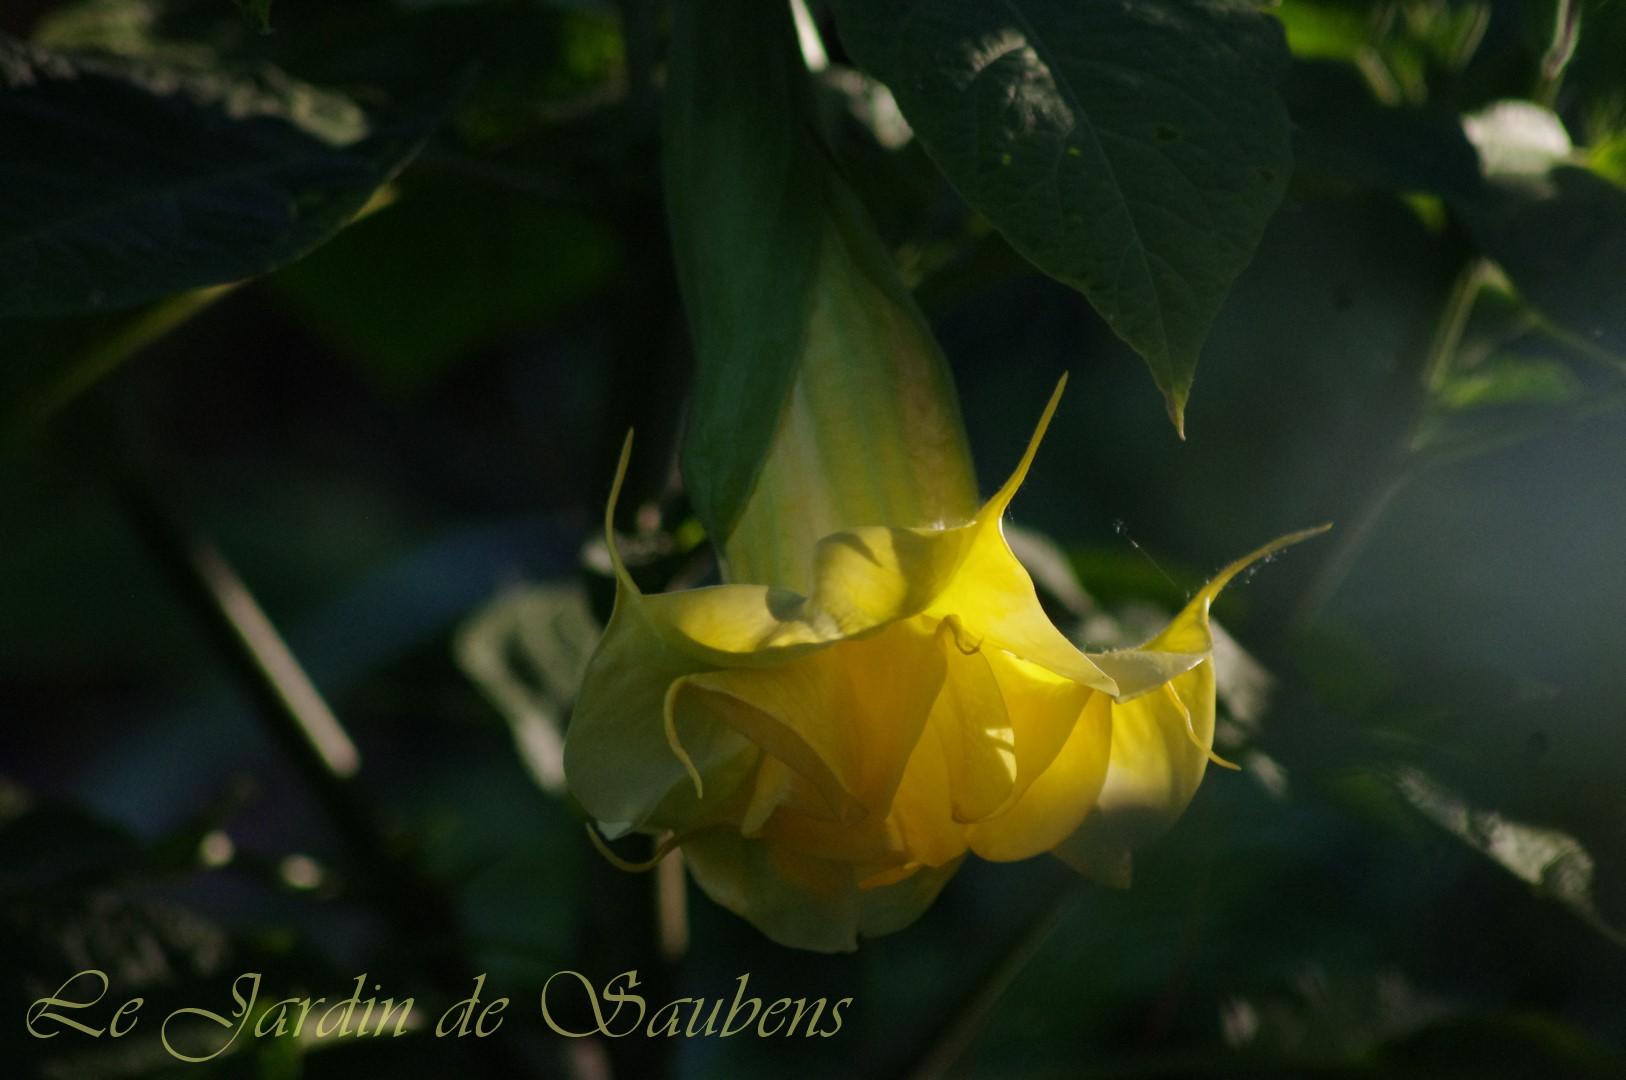 Ds fleur de sommeville 9